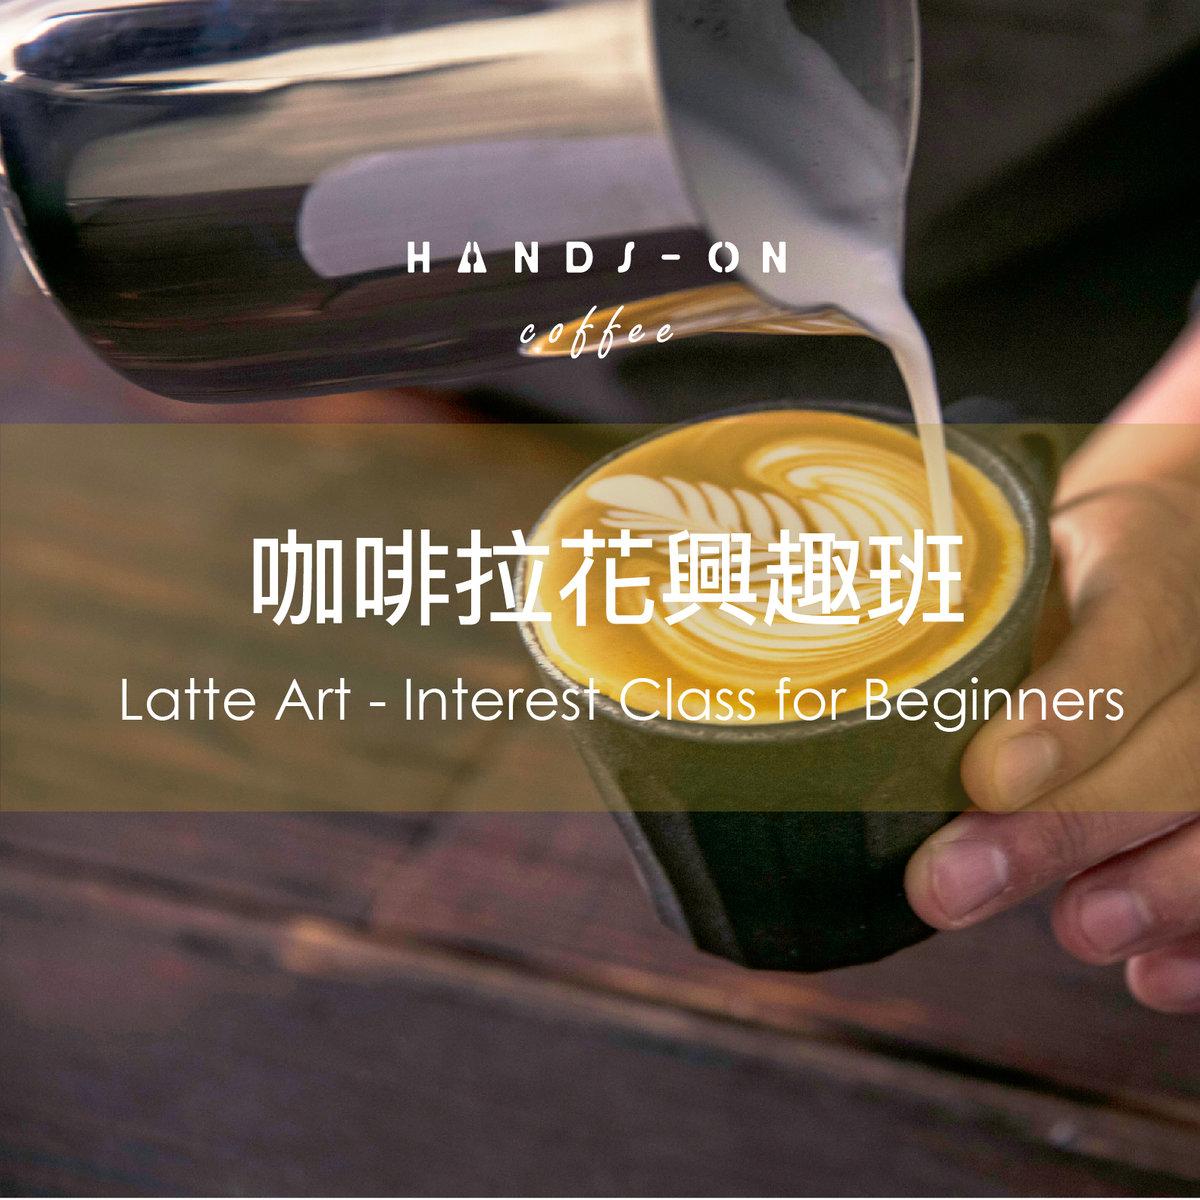 (8/6) 咖啡拉花(Latte Art)興趣初班